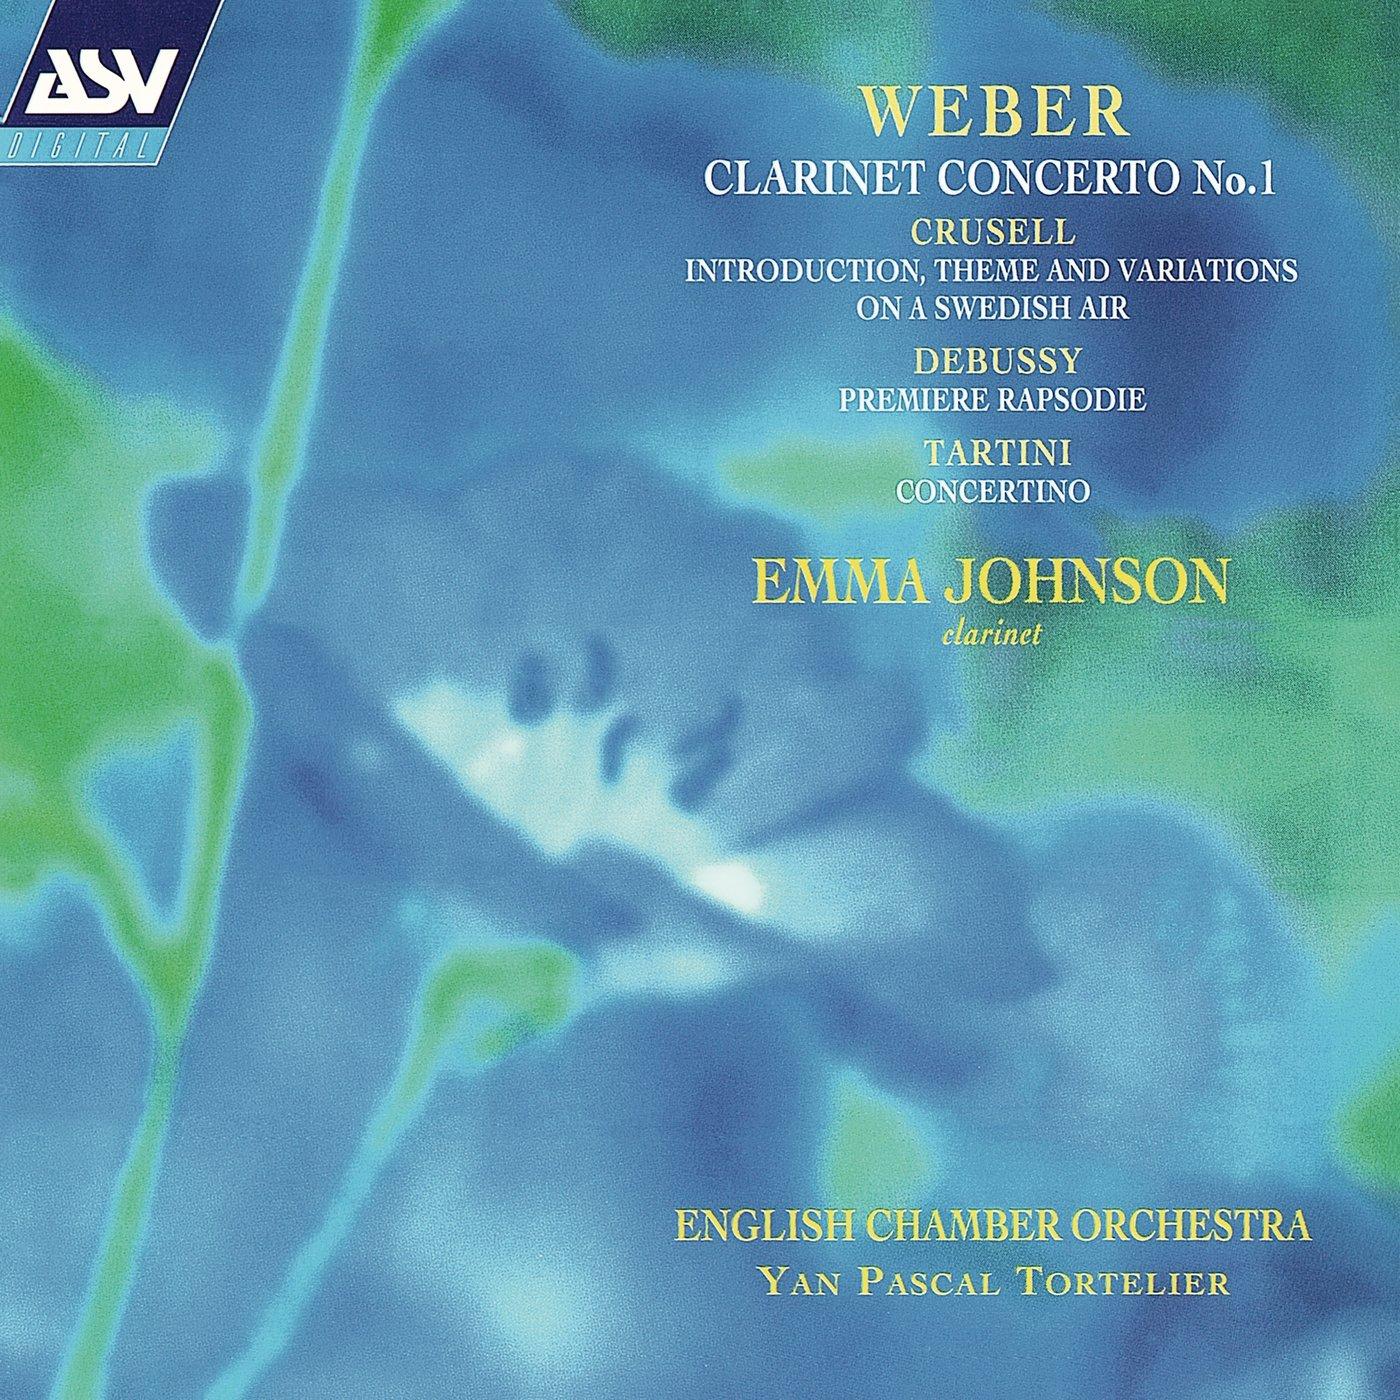 Clarinet Concerto 1